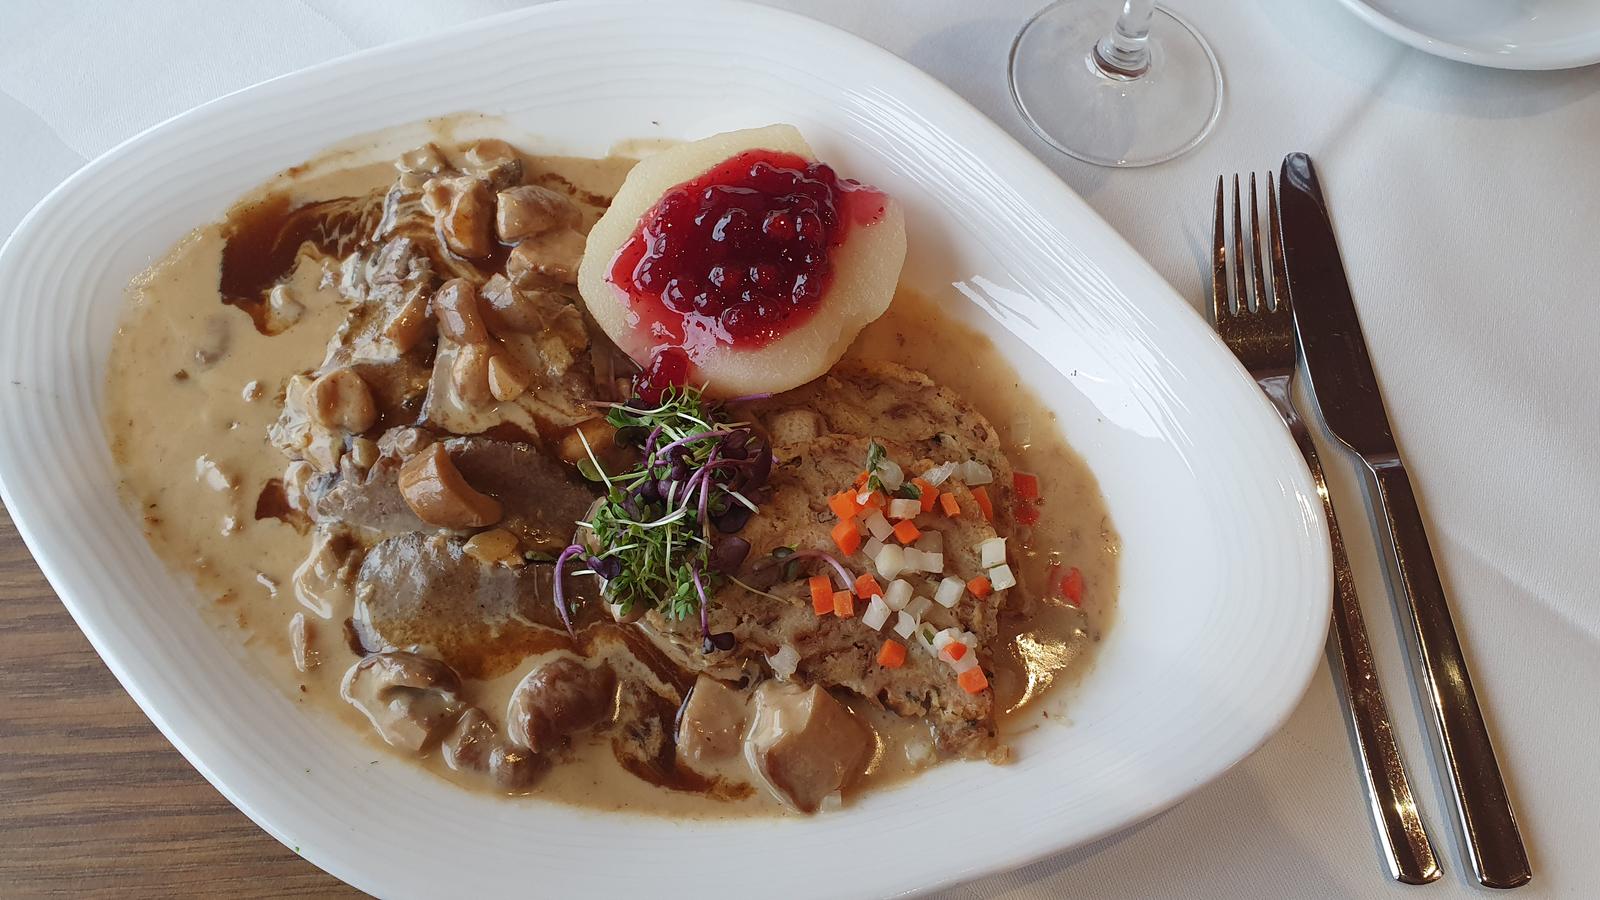 Restaurantempfehlund für Ostallgäu, Restaurant am Elbsee, Restaurant in Marktoberdorf, Restaurants im Ostallgäu